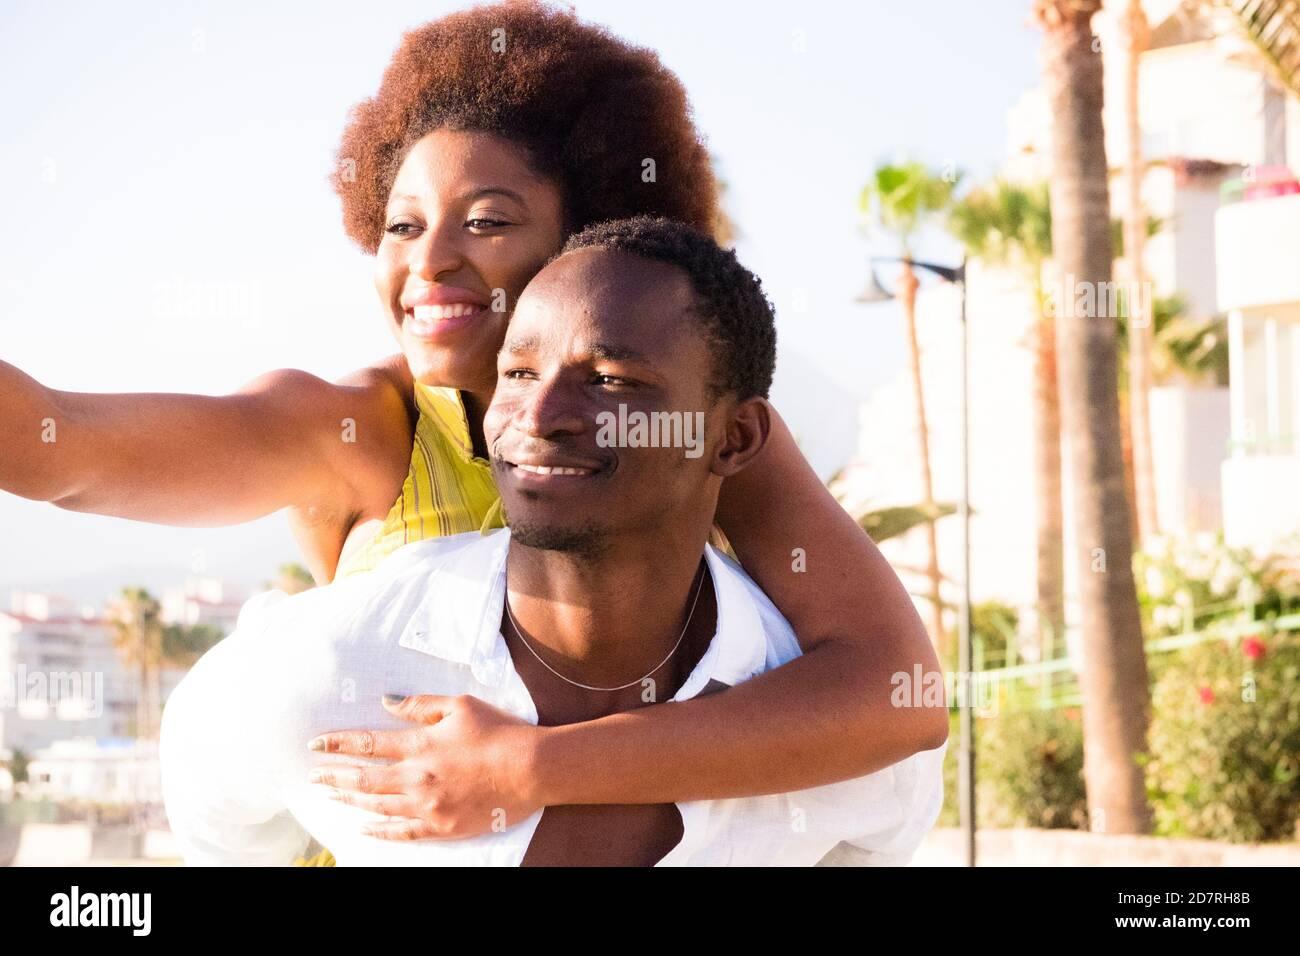 Les jeunes couples noirs s'amusent et rient en appréciant le activités de loisirs en plein air ensemble - homme portant une belle fille africaine avec des cheveux ethniques Banque D'Images